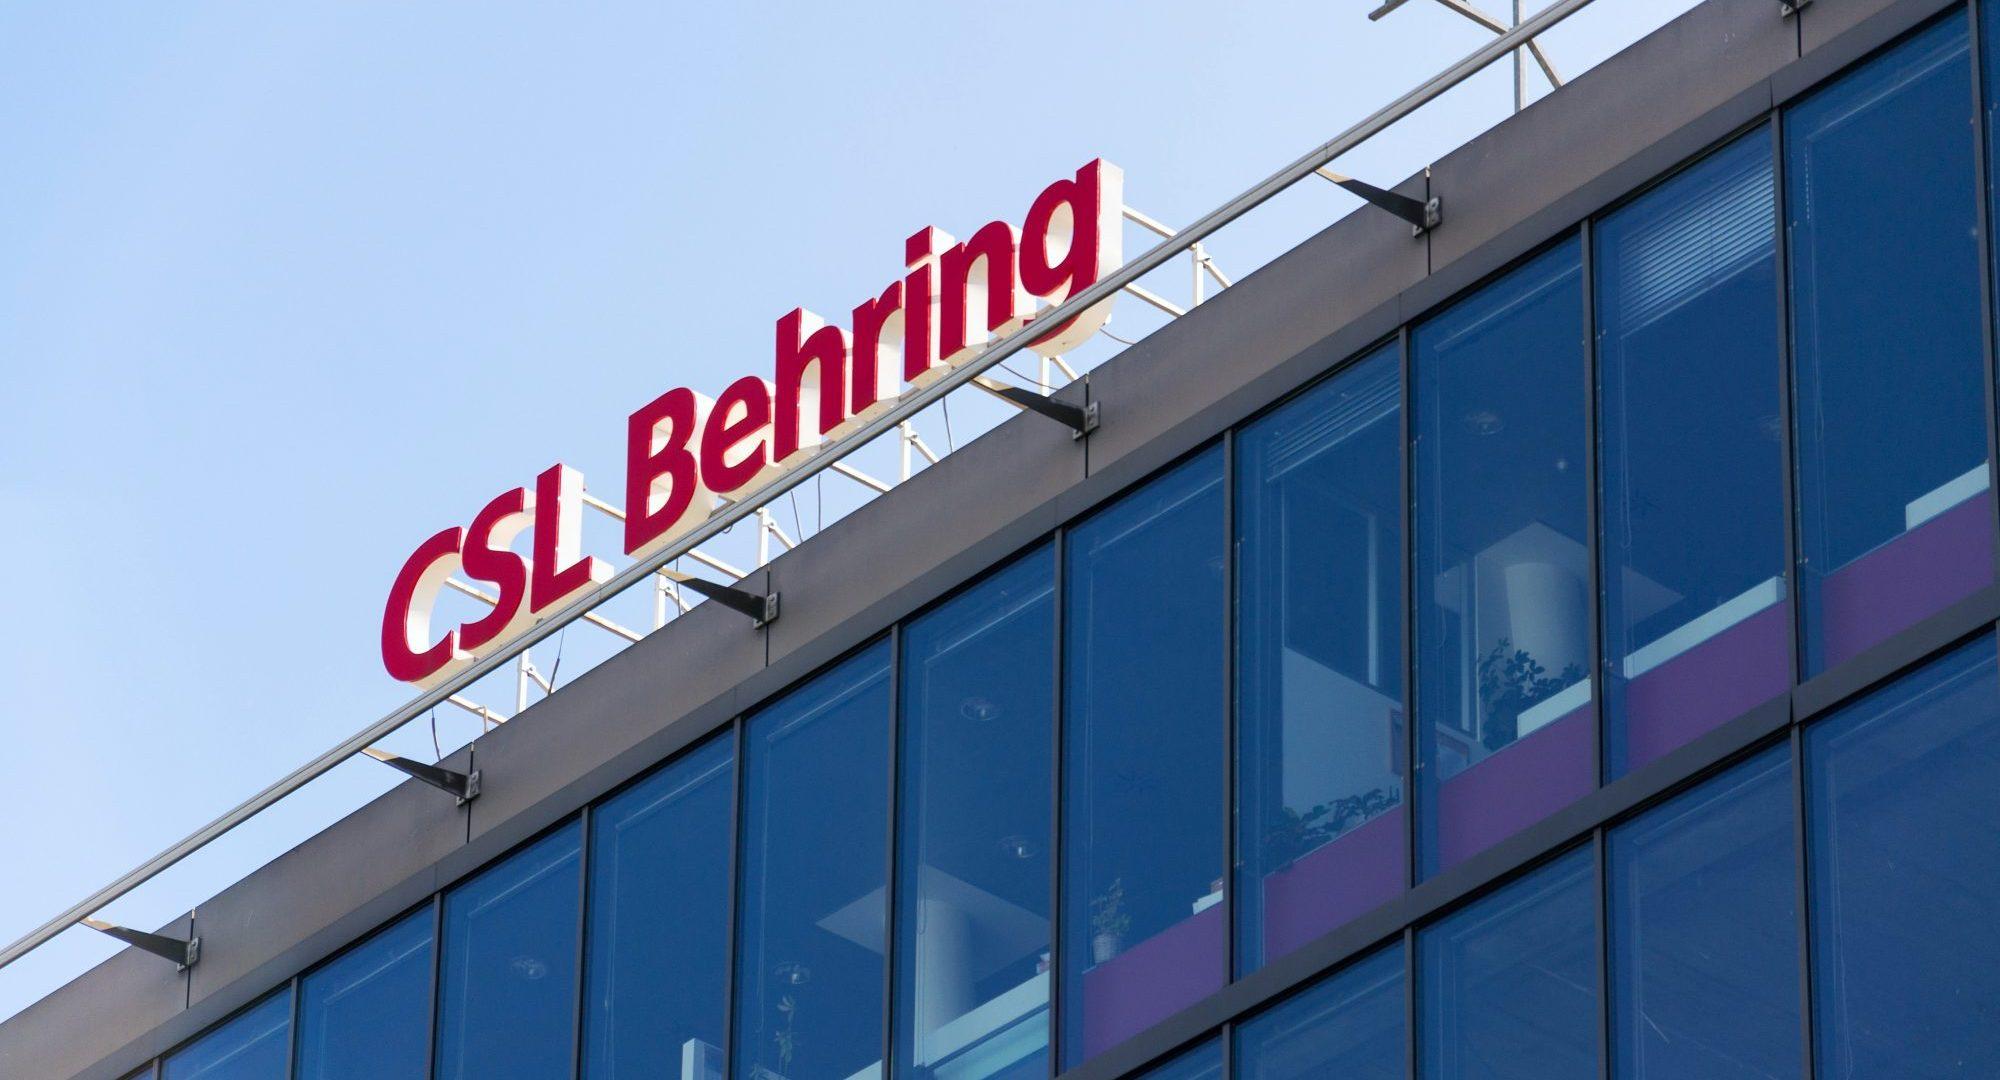 Dubai Advantage | CSL Behring opens regional HQ at Dubai